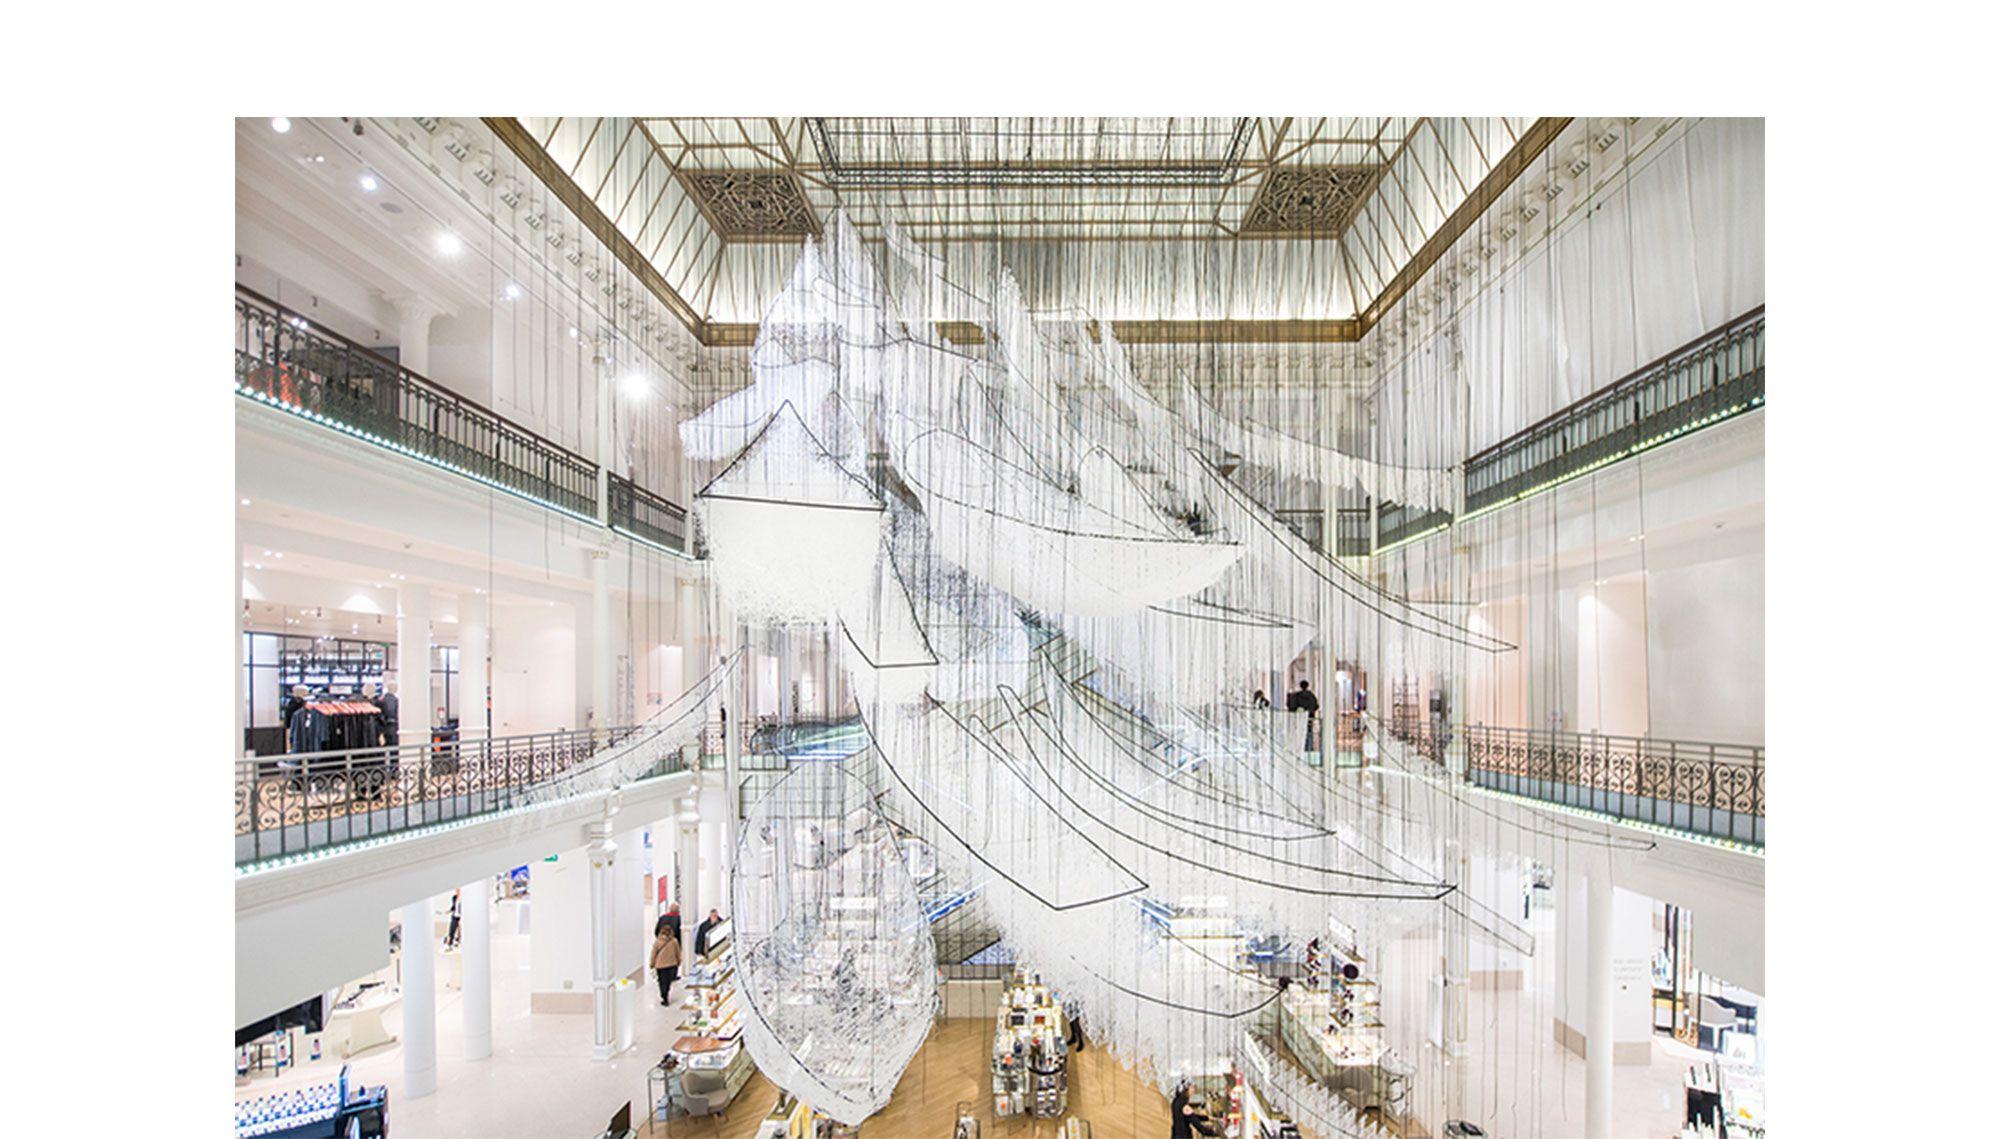 《どこへ向かって》 2017年 白毛糸、ワイヤー、ロープ 展示風景:「どこへ向かって」ル・ボン・マルシェ(パリ)2017年 撮影:Gabriel de la Chapelle